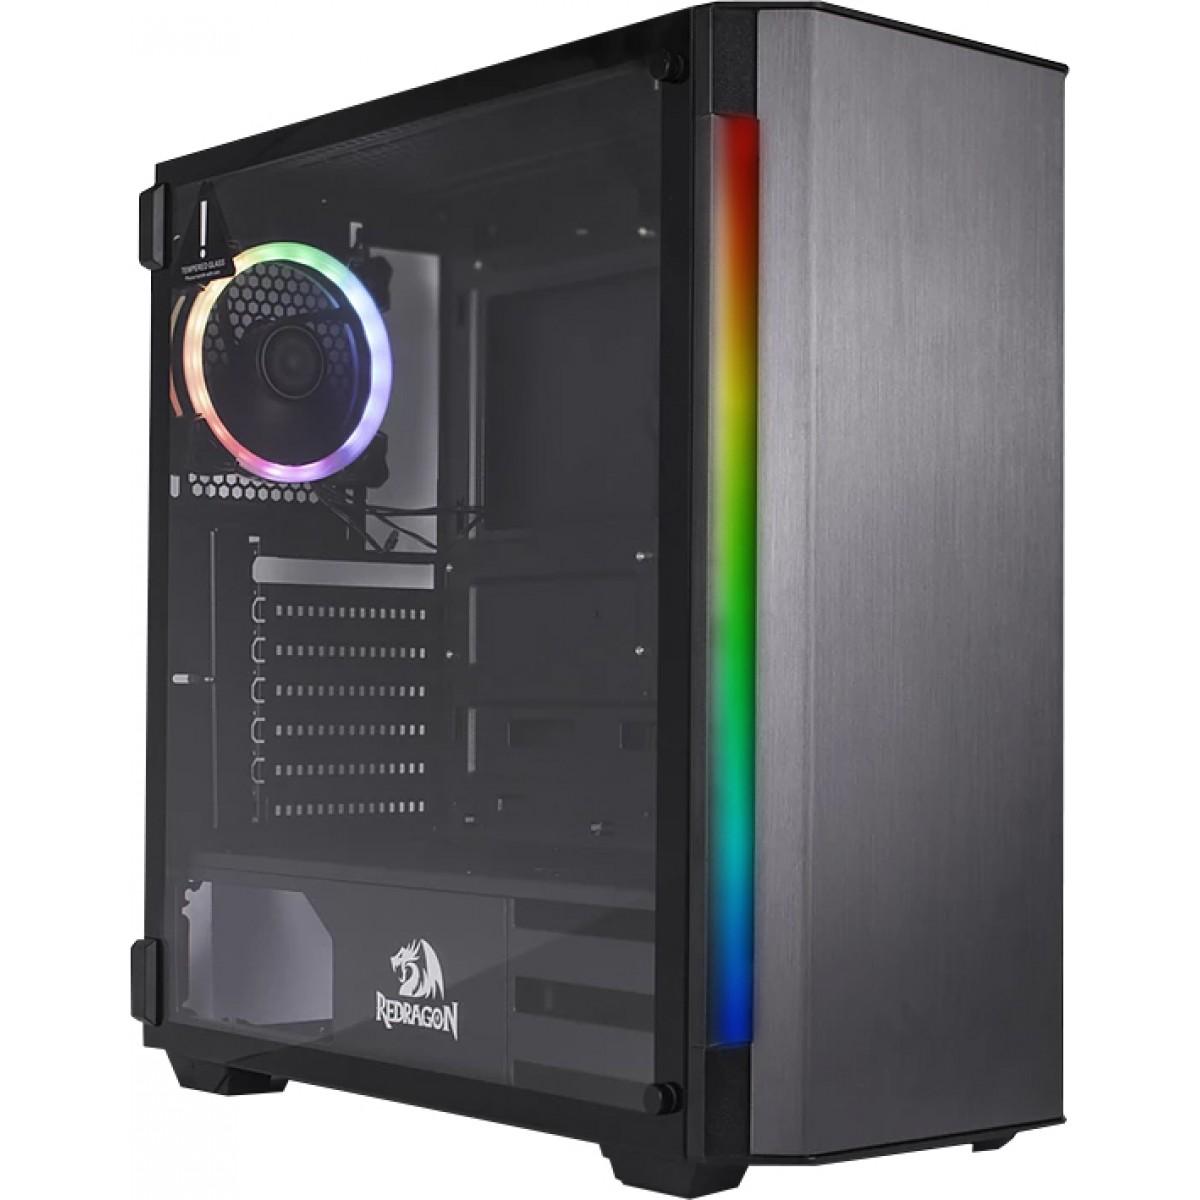 PC Gamer T-Power Captain Lvl-6 Intel I7 9700KF 3.60GHz / Geforce RTX 2080 Ti / 16GB DDR4 / HD 1TB / 600W